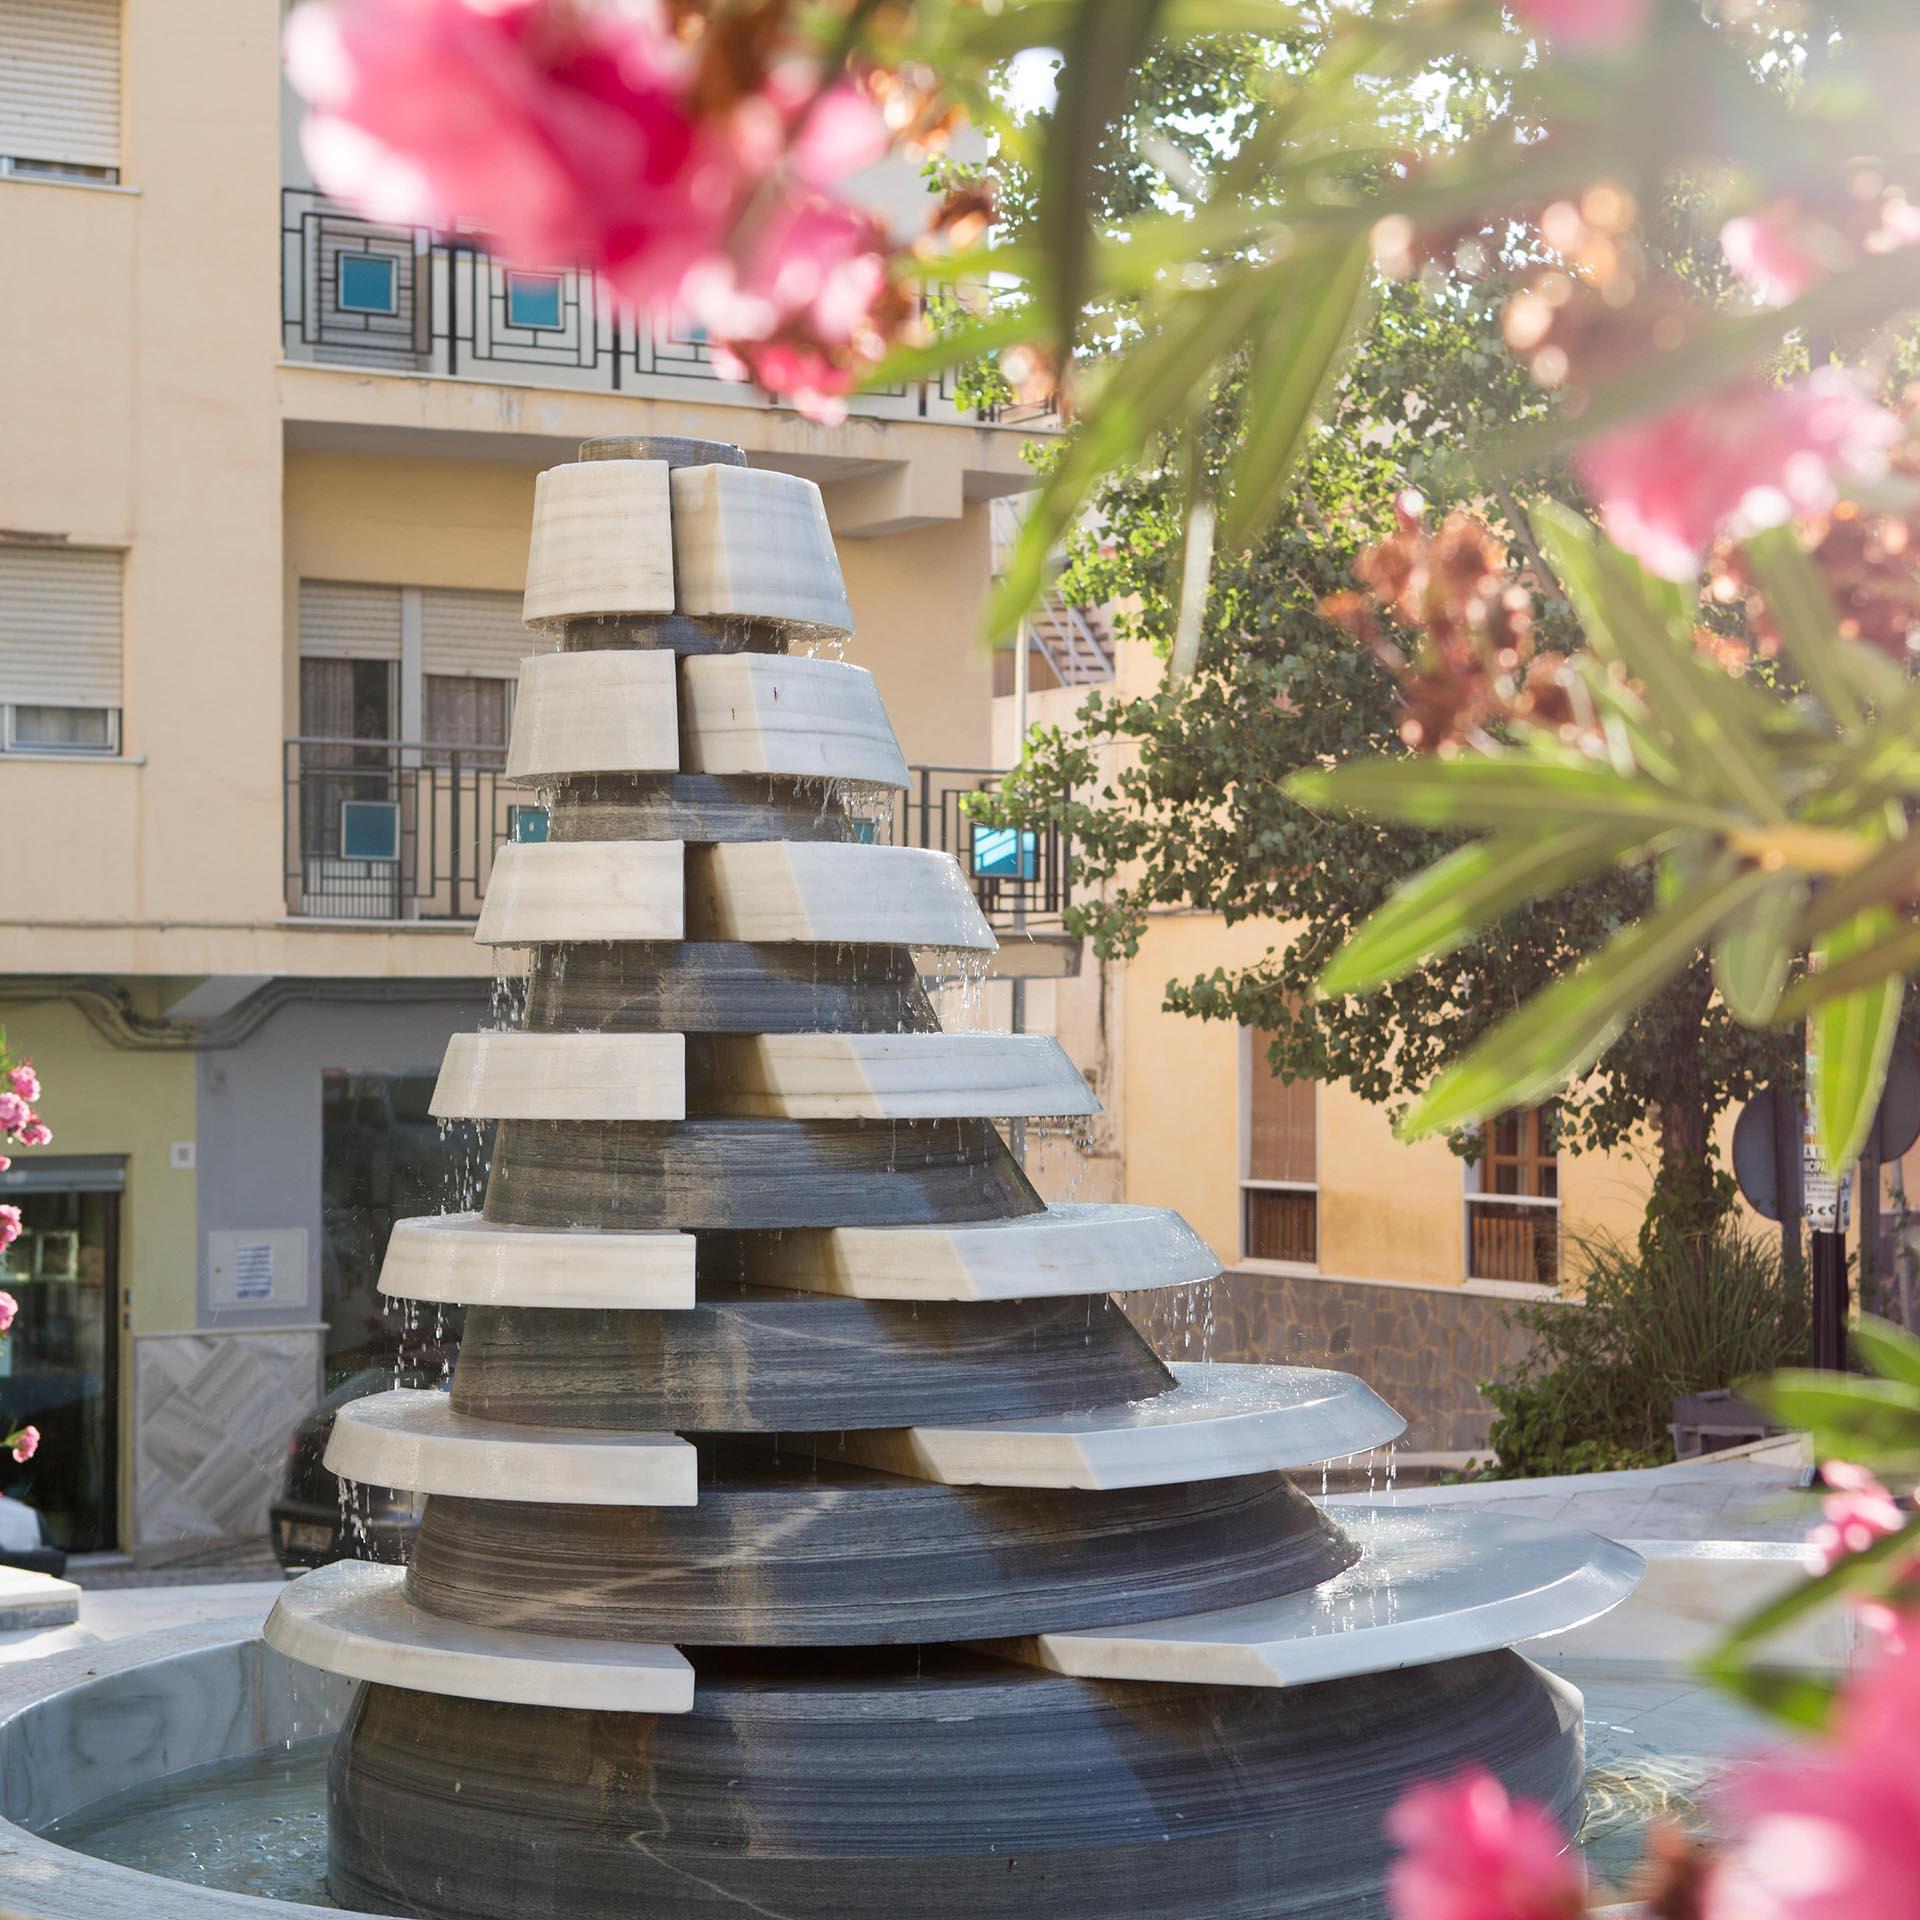 Almeria square